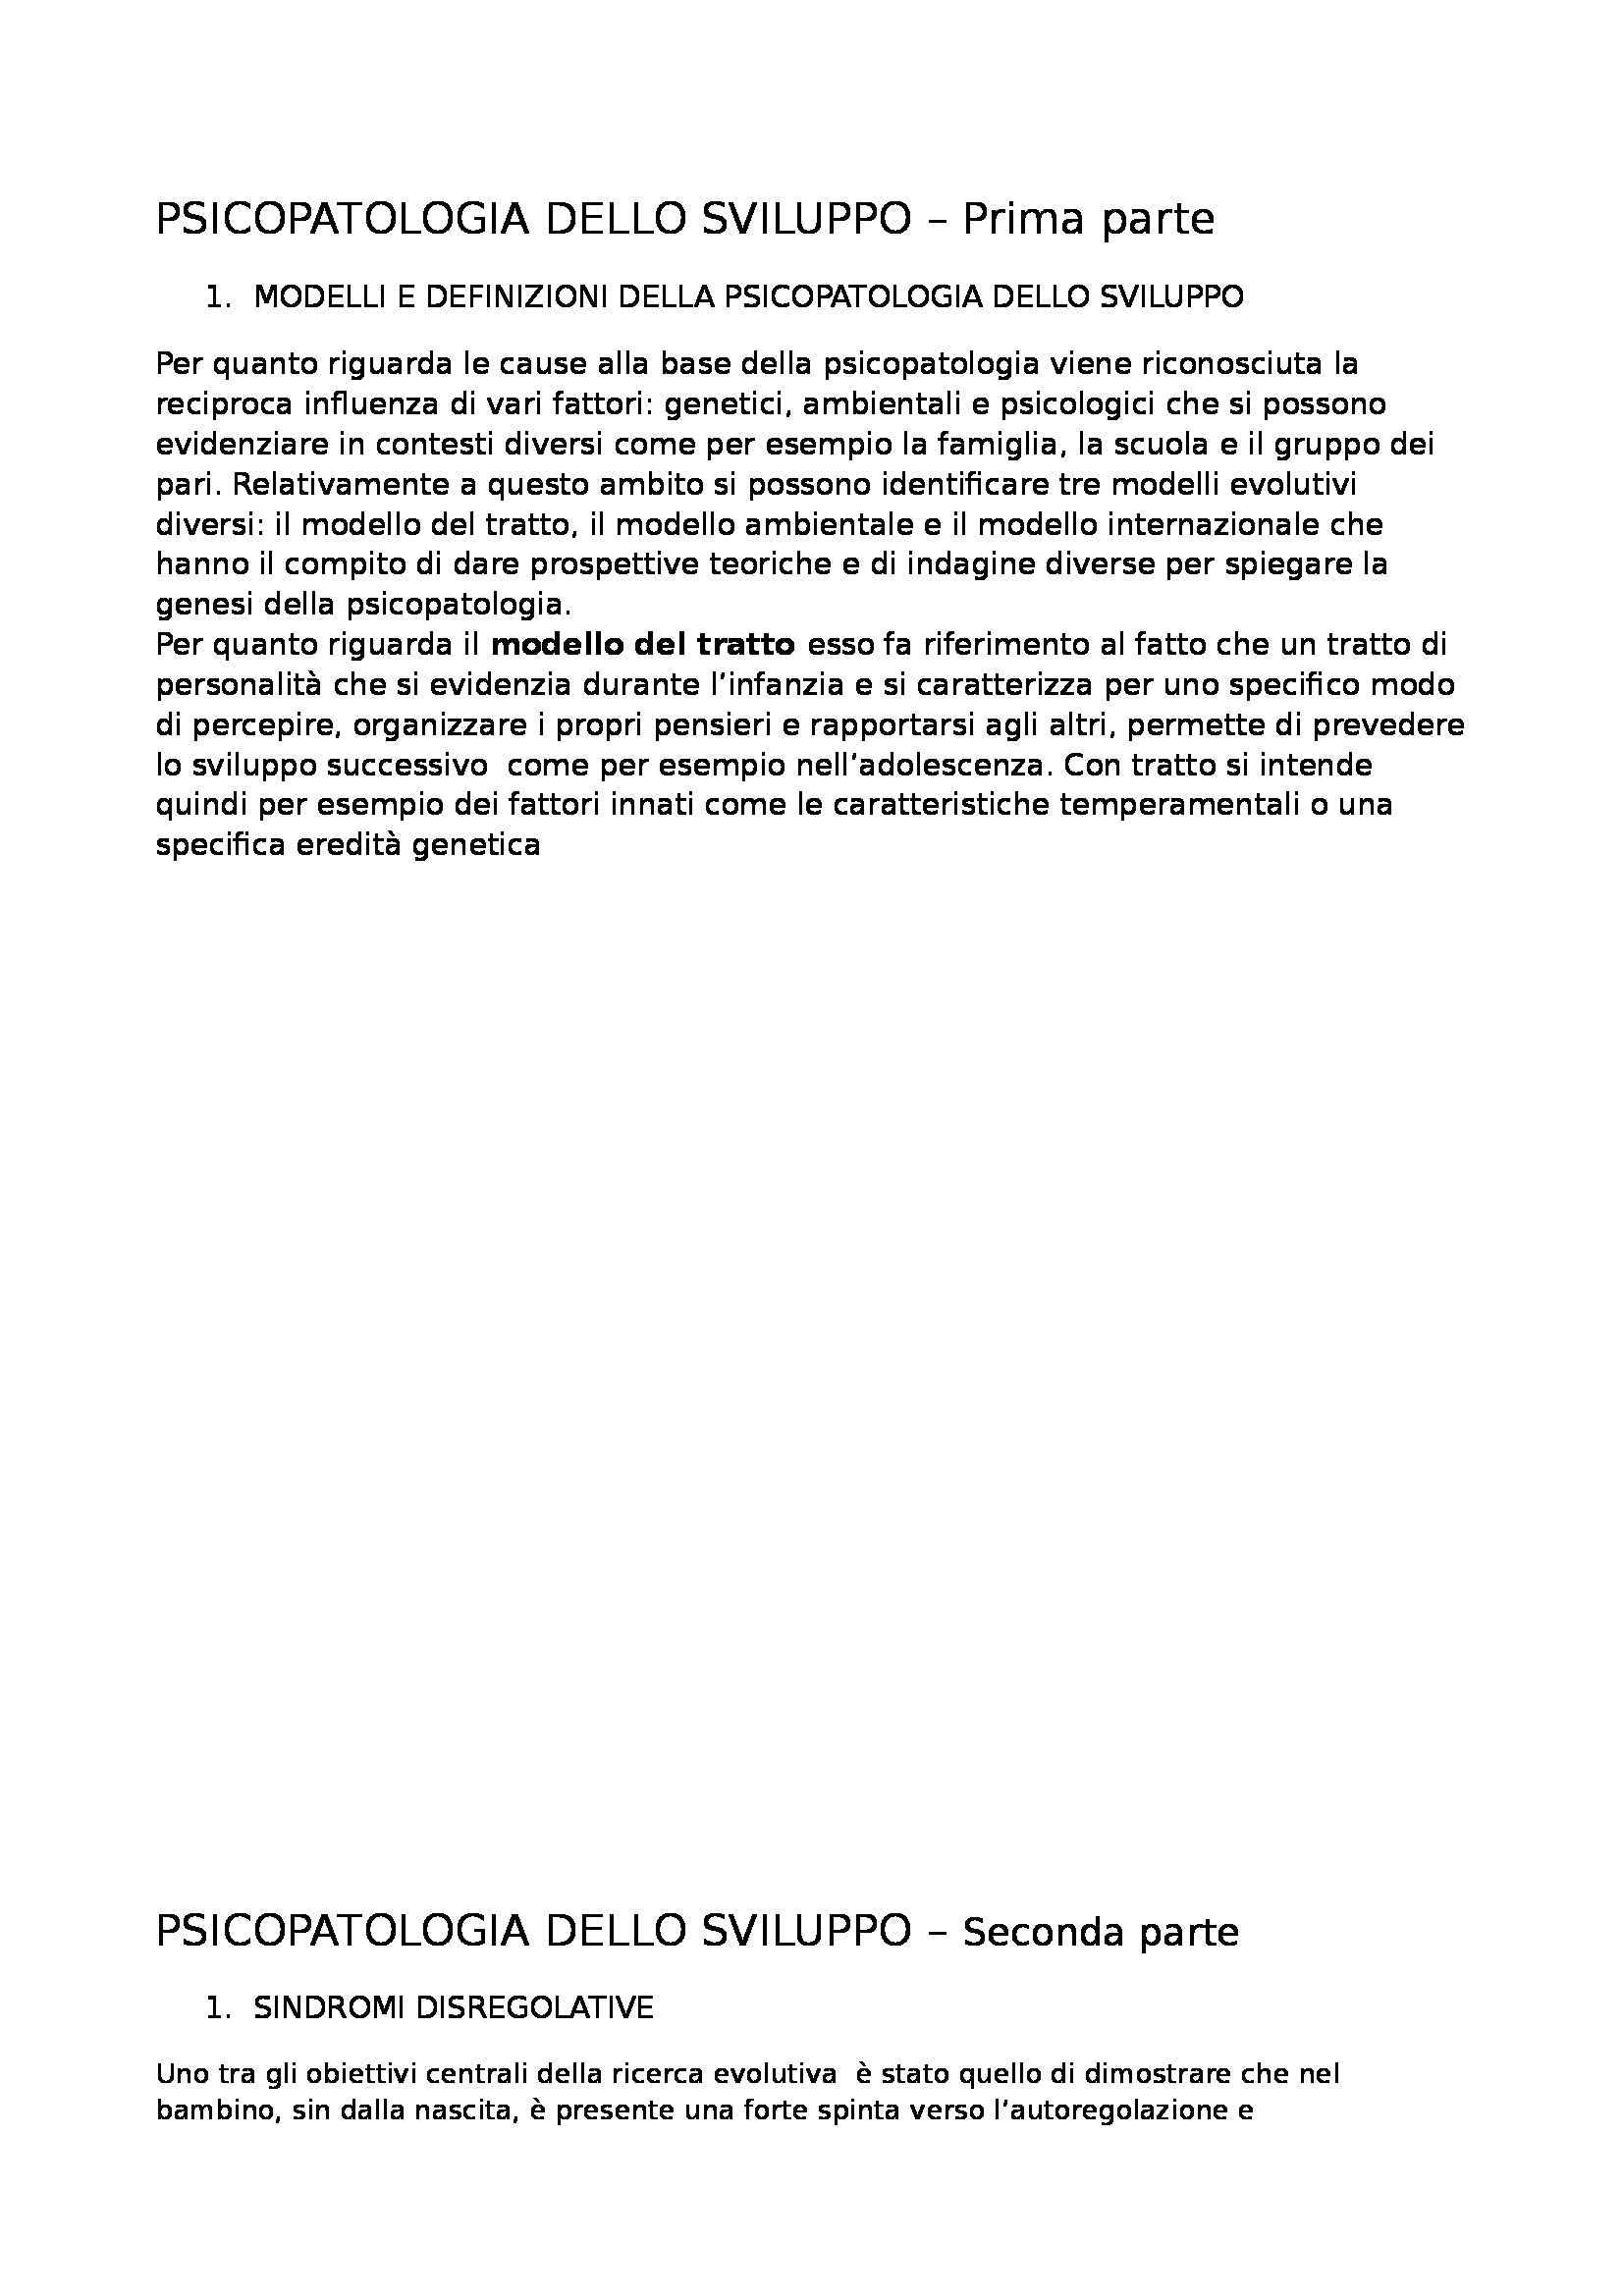 Riassunto esame Psicopatologia dello Sviluppo, prof. Simonelli